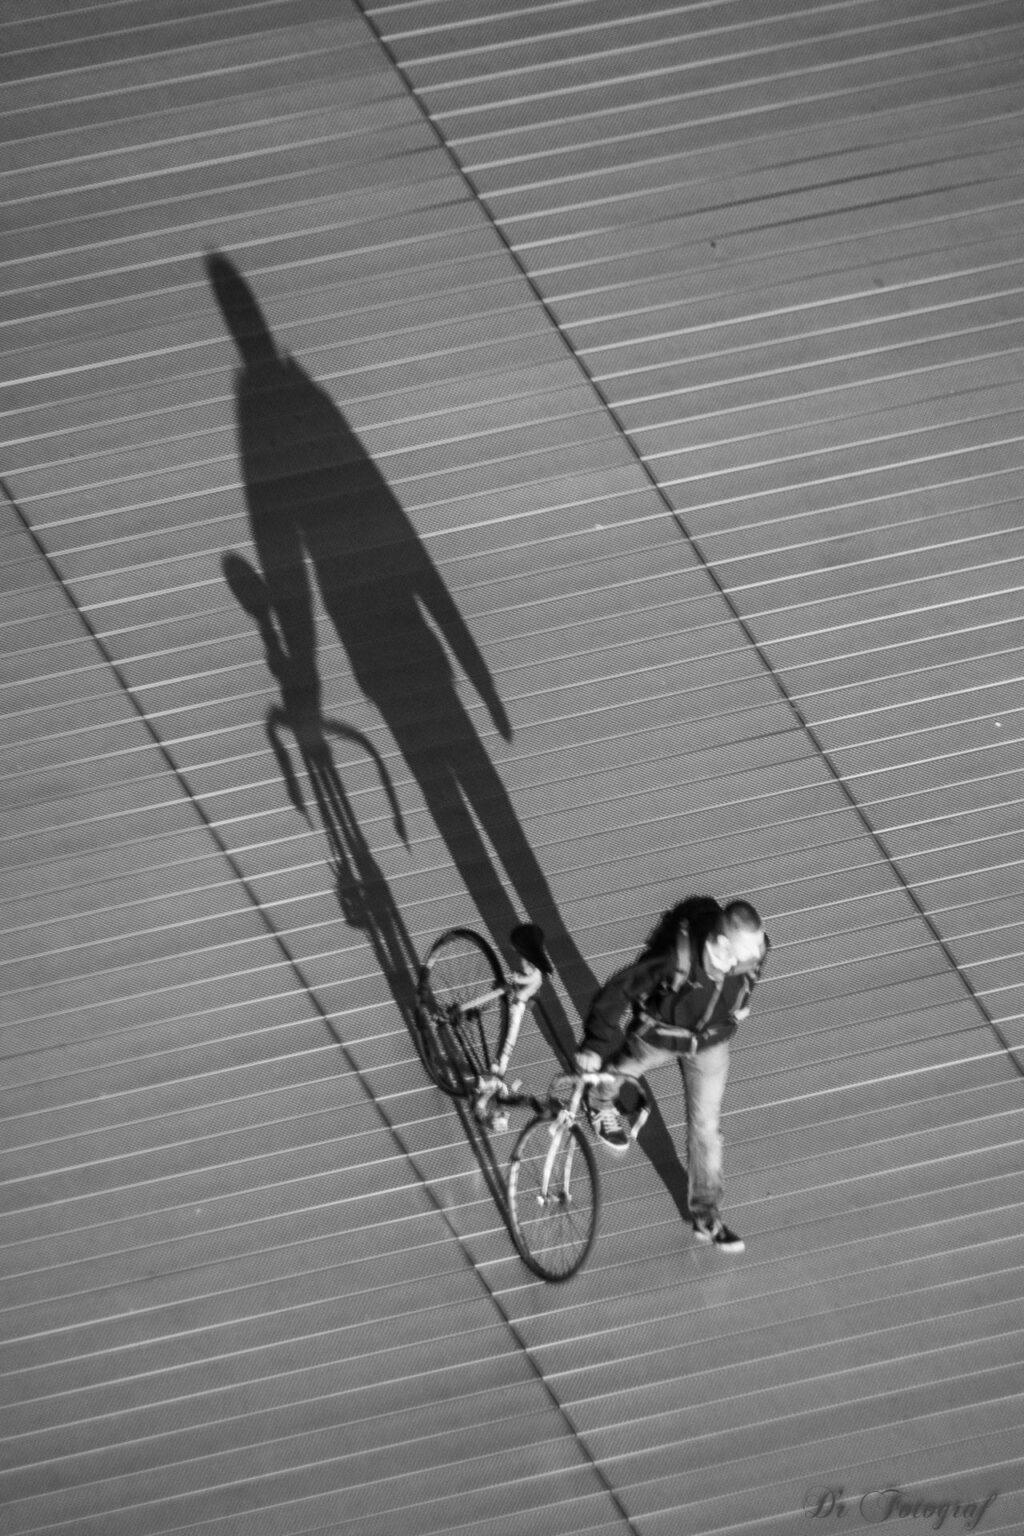 Der Schatten des Radfahrers